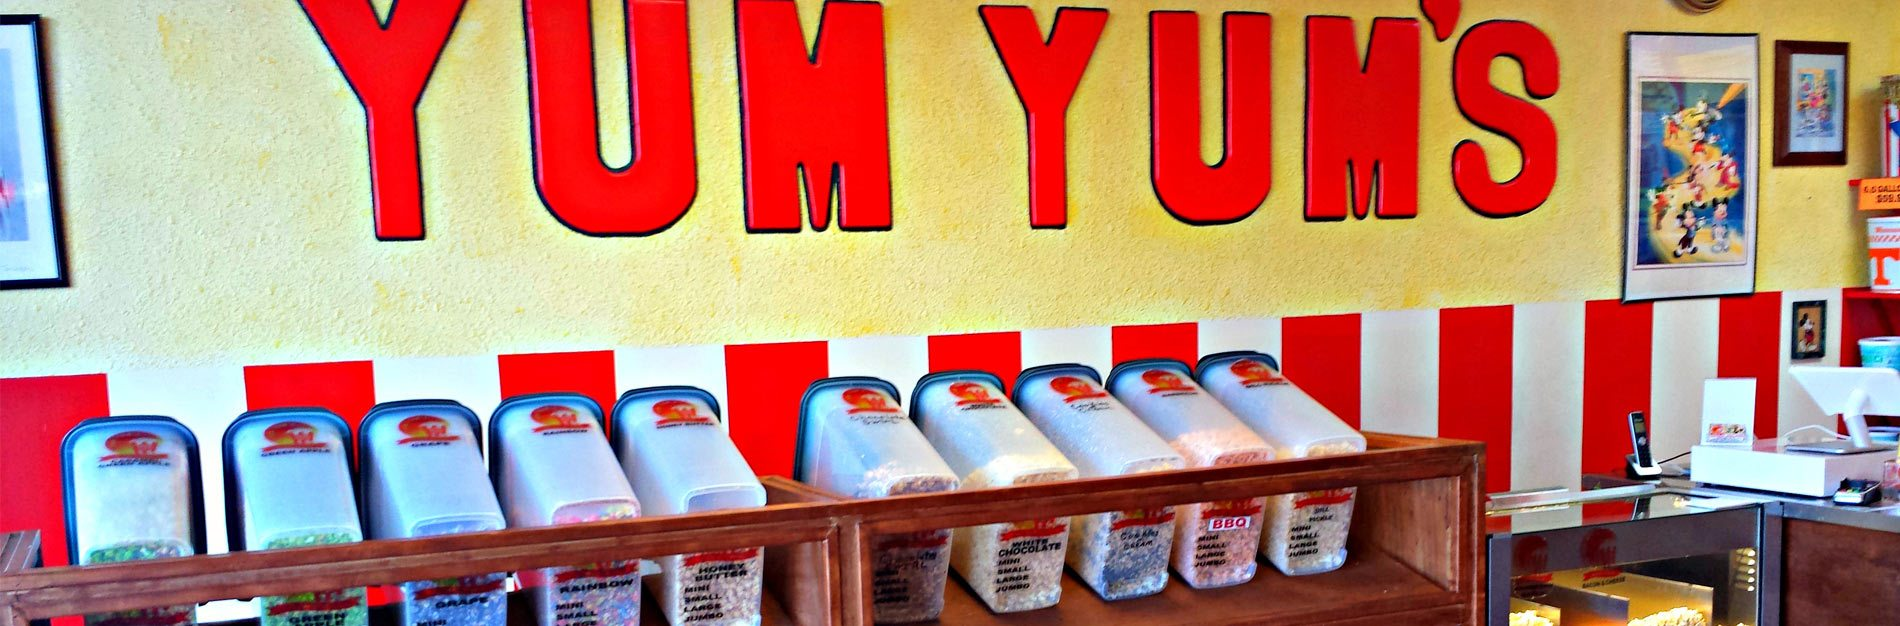 Yum Yum's Gourmet Popcorn